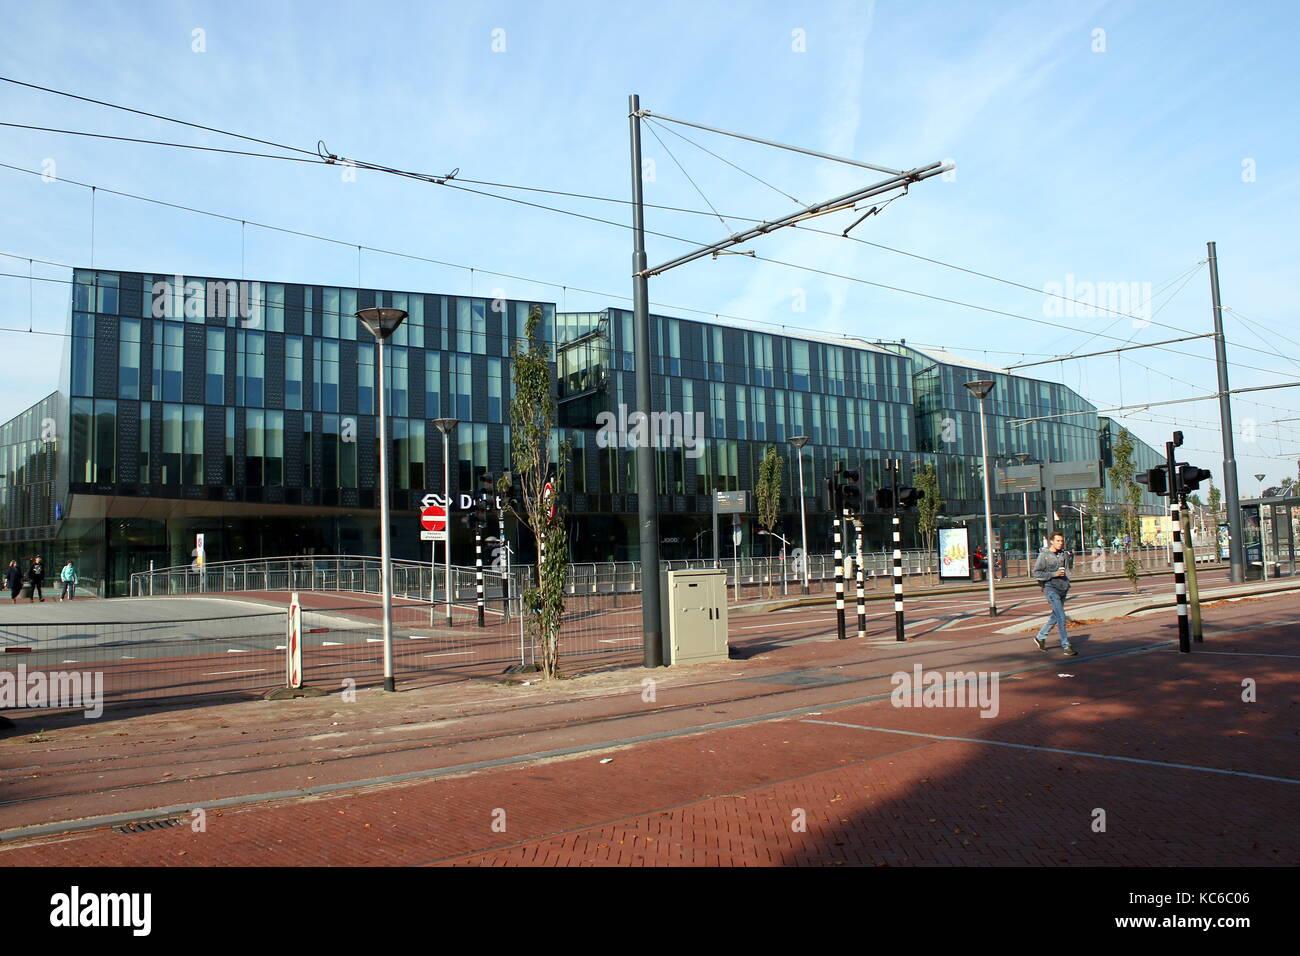 Brandheiß Hauptbahnhof Delft, Delft, Südholland, Niederlande. Stockbild